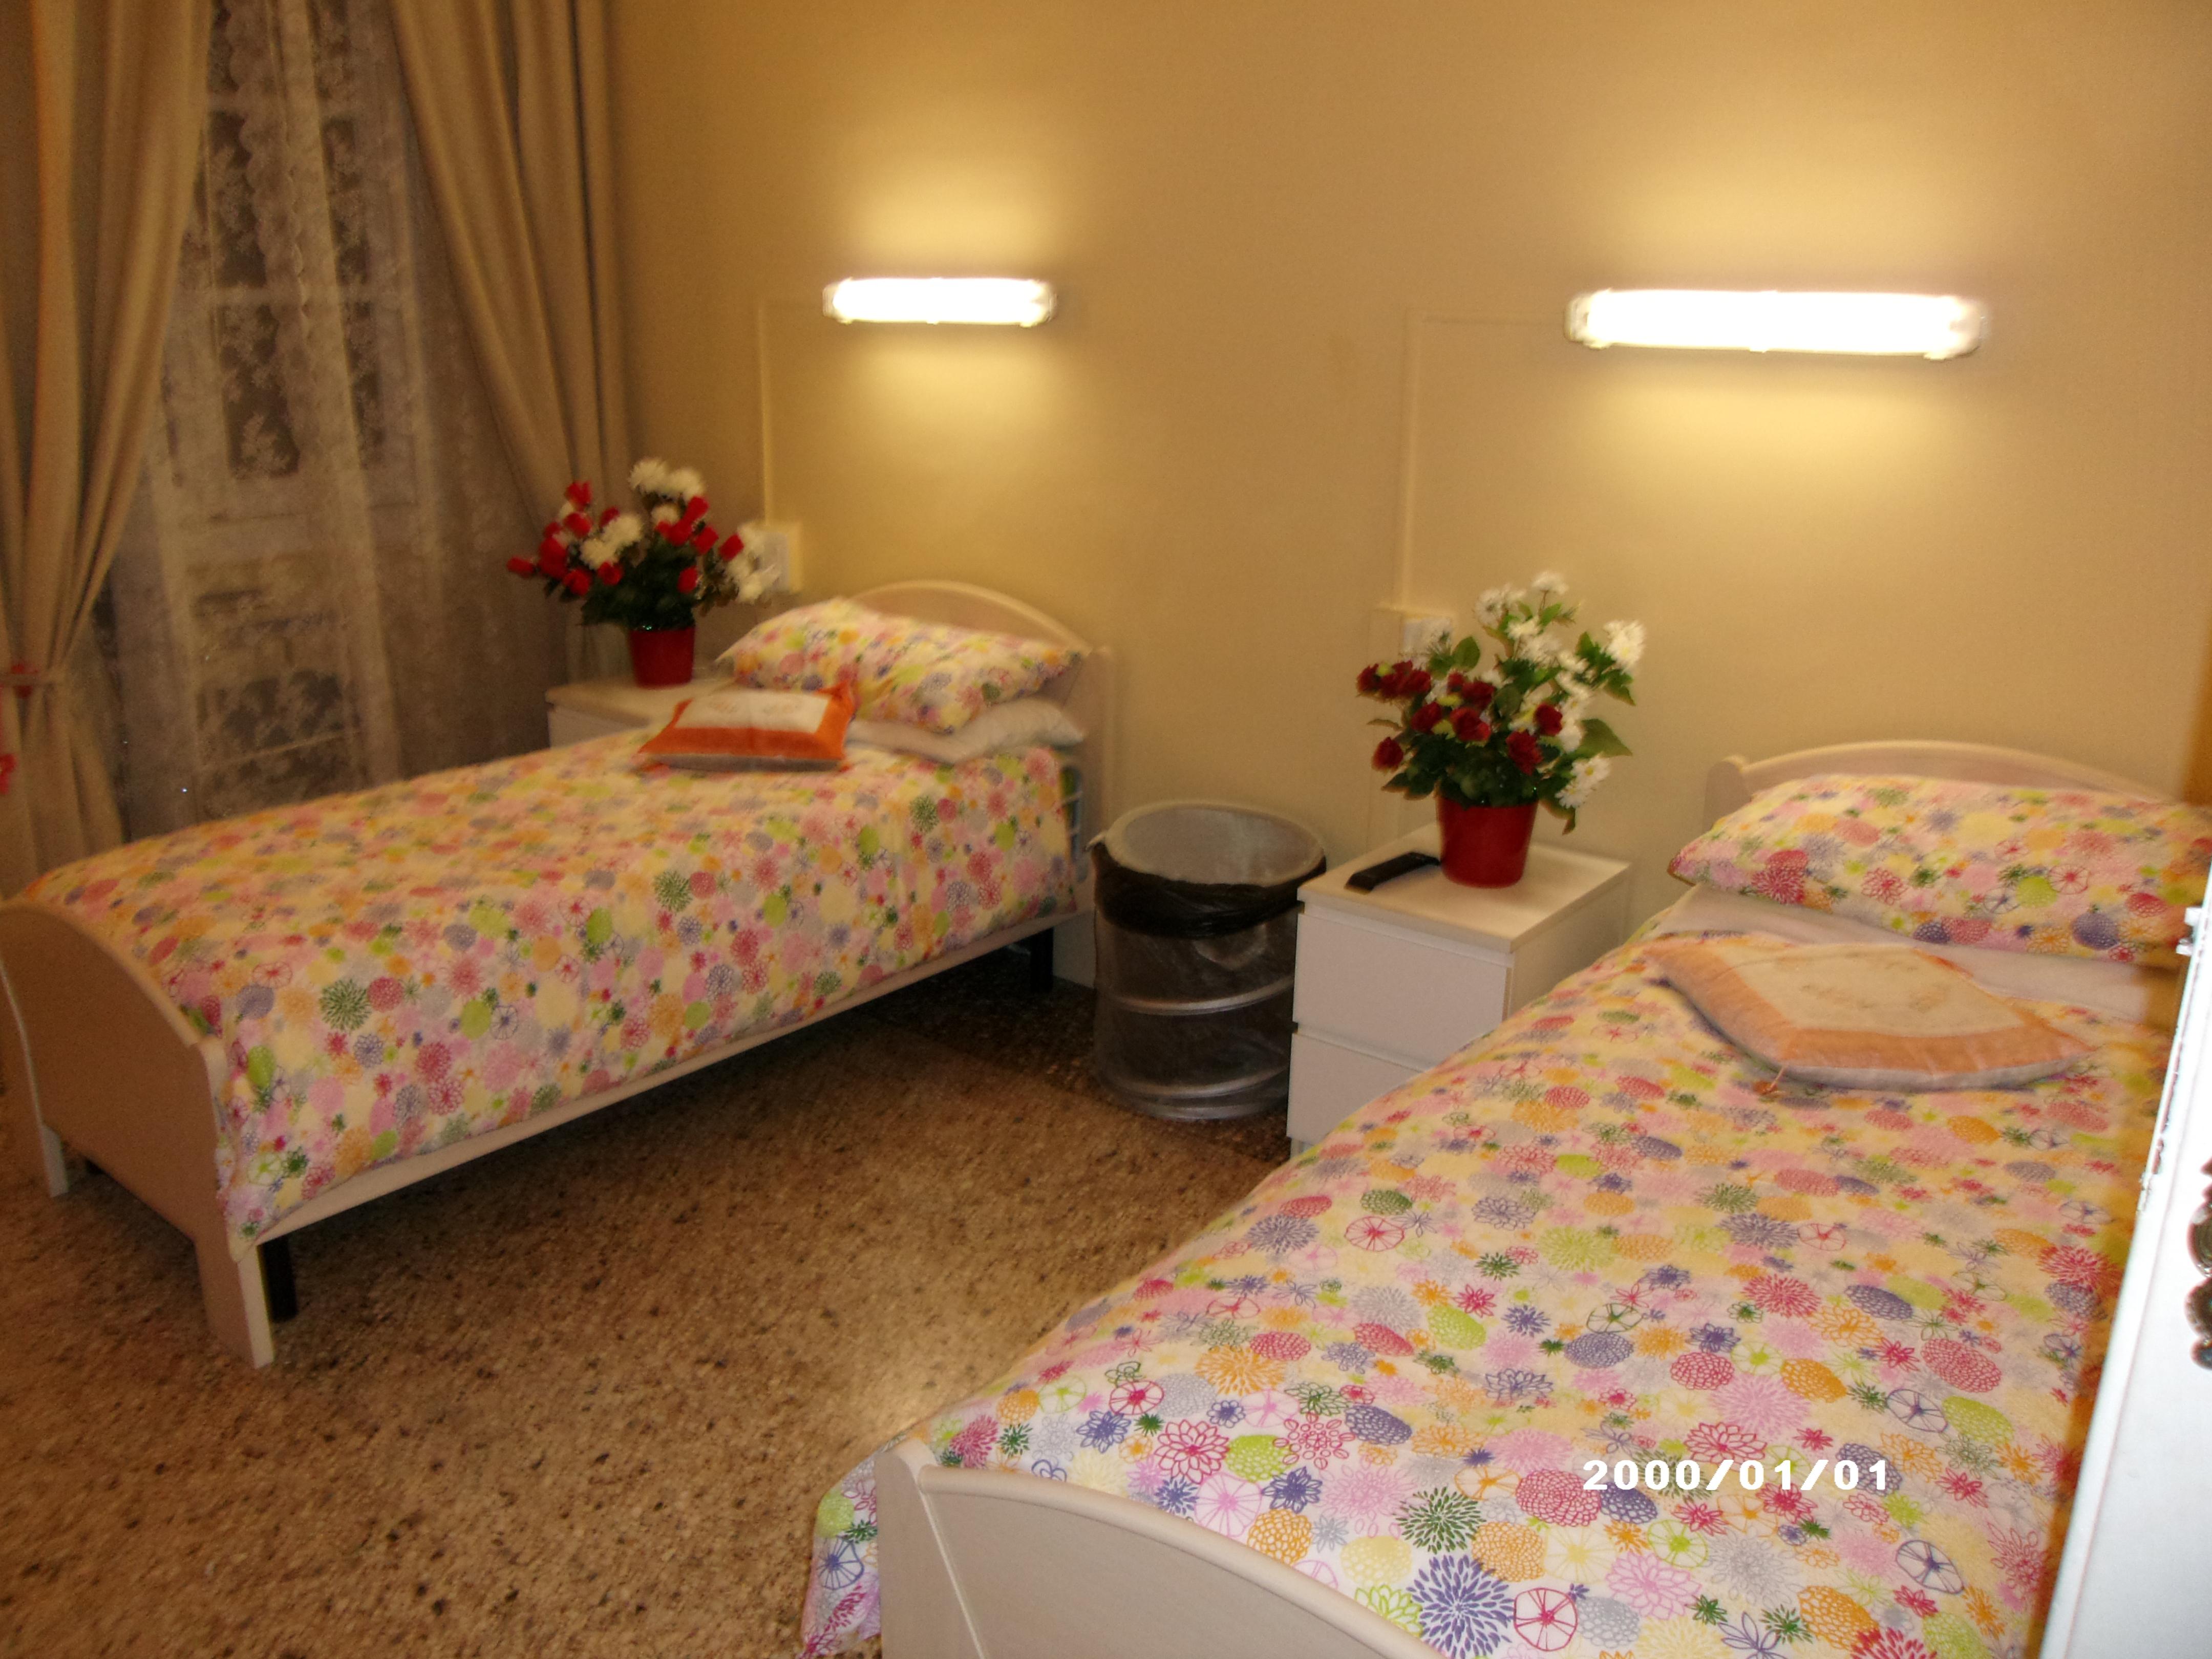 Stanze comunit alloggio per anziani angelo custode for Casa di sei stanze